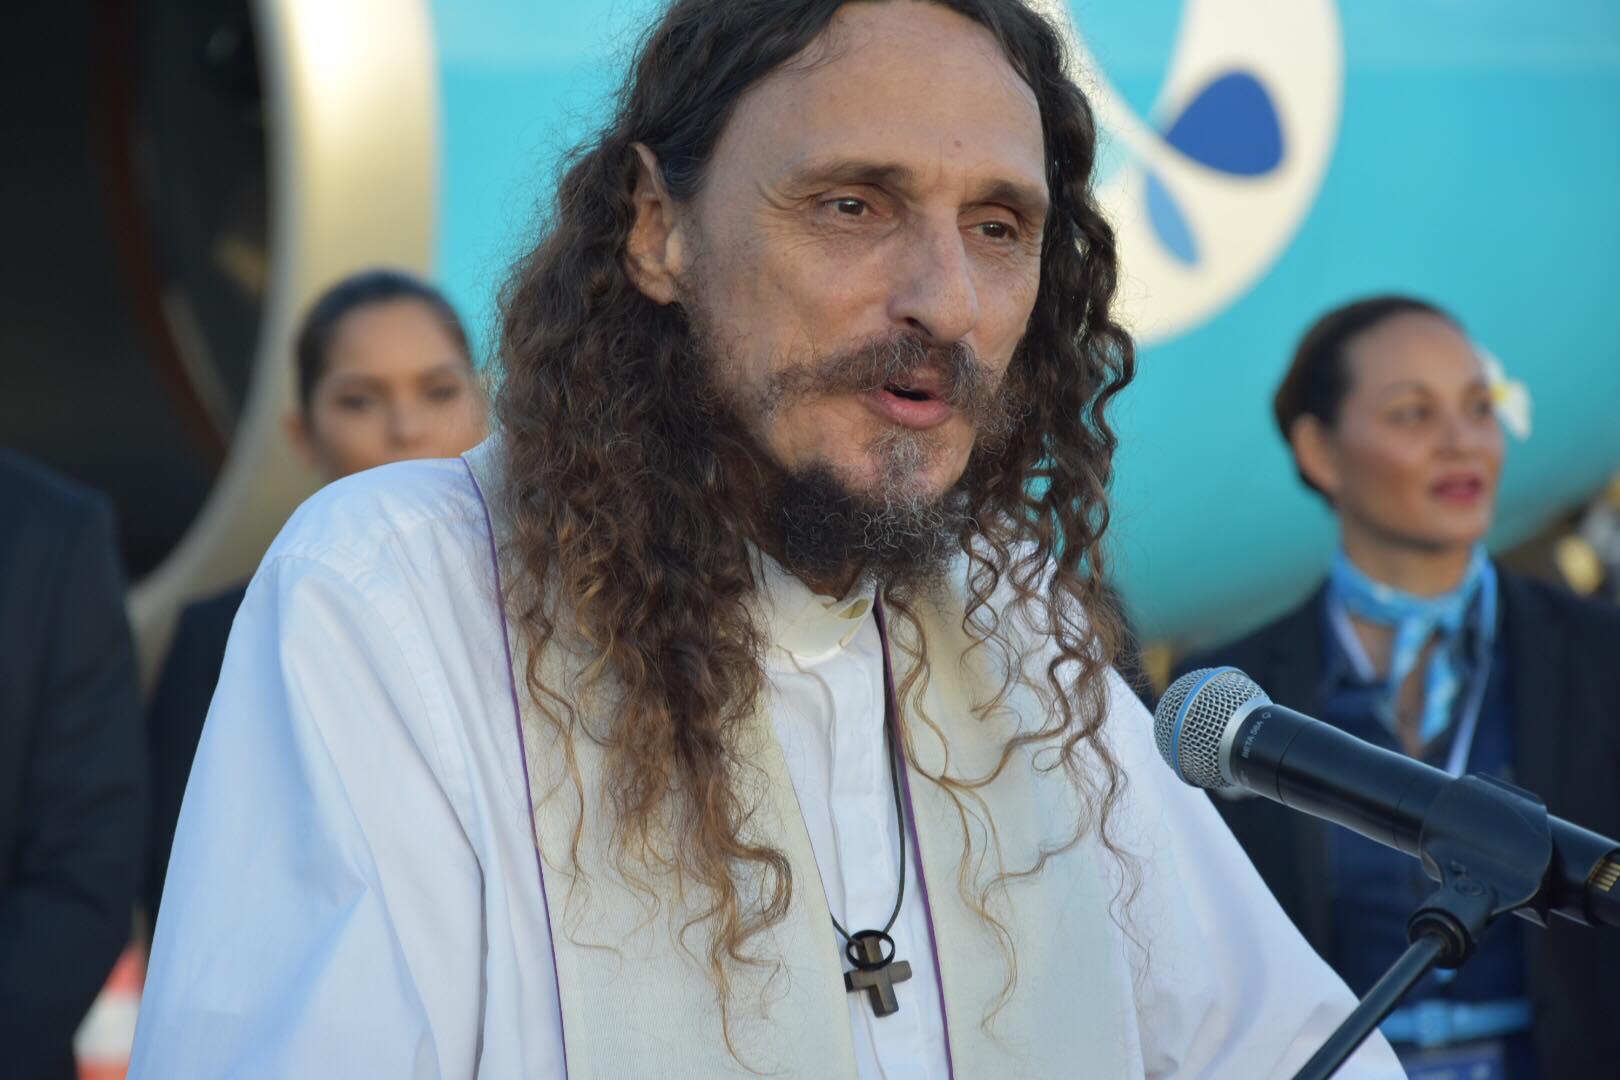 Le Père Christophe, vicaire de Papeete, connu en Polynésie pour son engagement auprès des sans abris de la capitale polynésienne ©Outremers360 (archives)